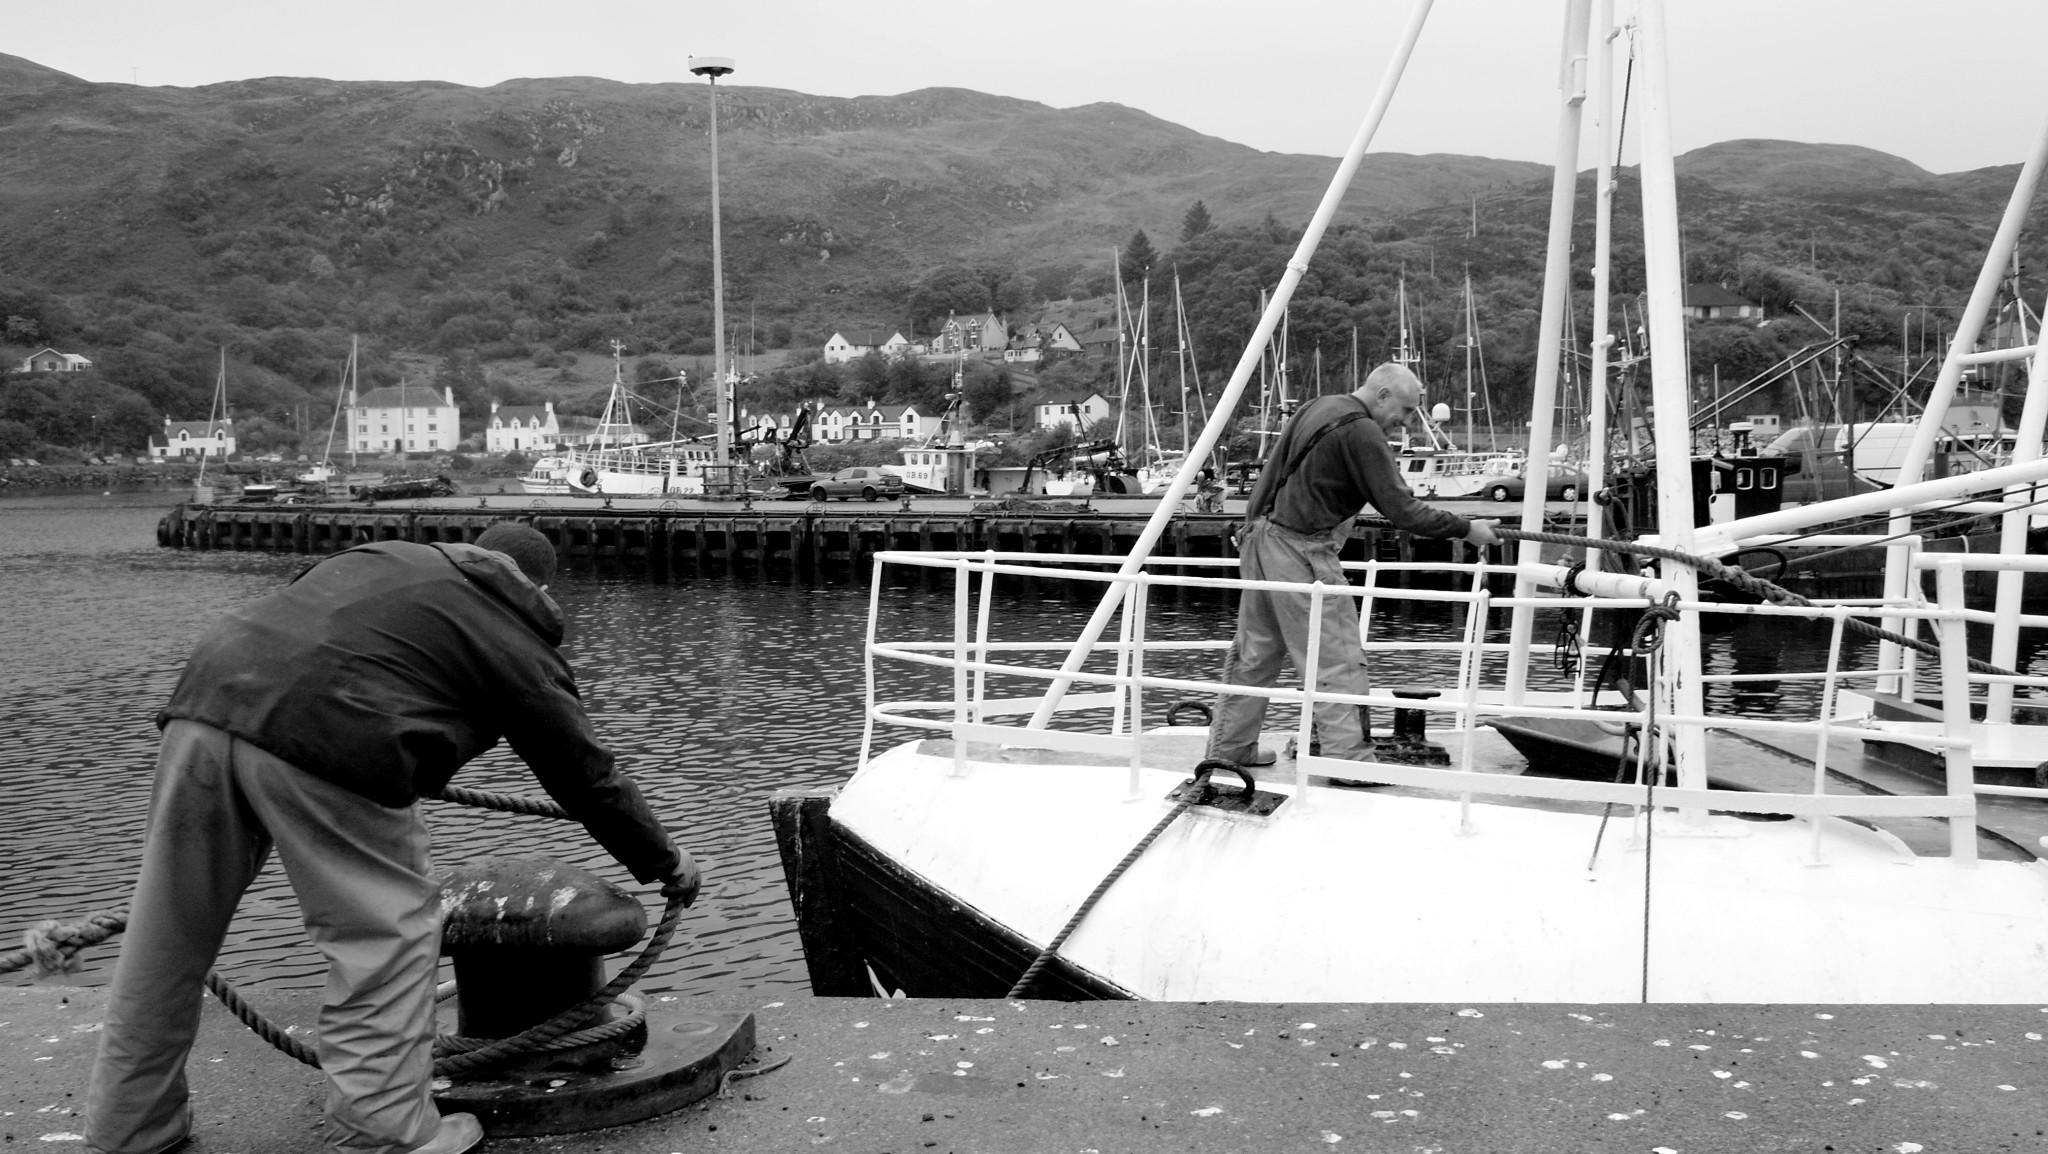 En Mallaig (oeste de Escocia, al frente de la isla de Skye). Marineros preparan un barco, ¿pesquero?